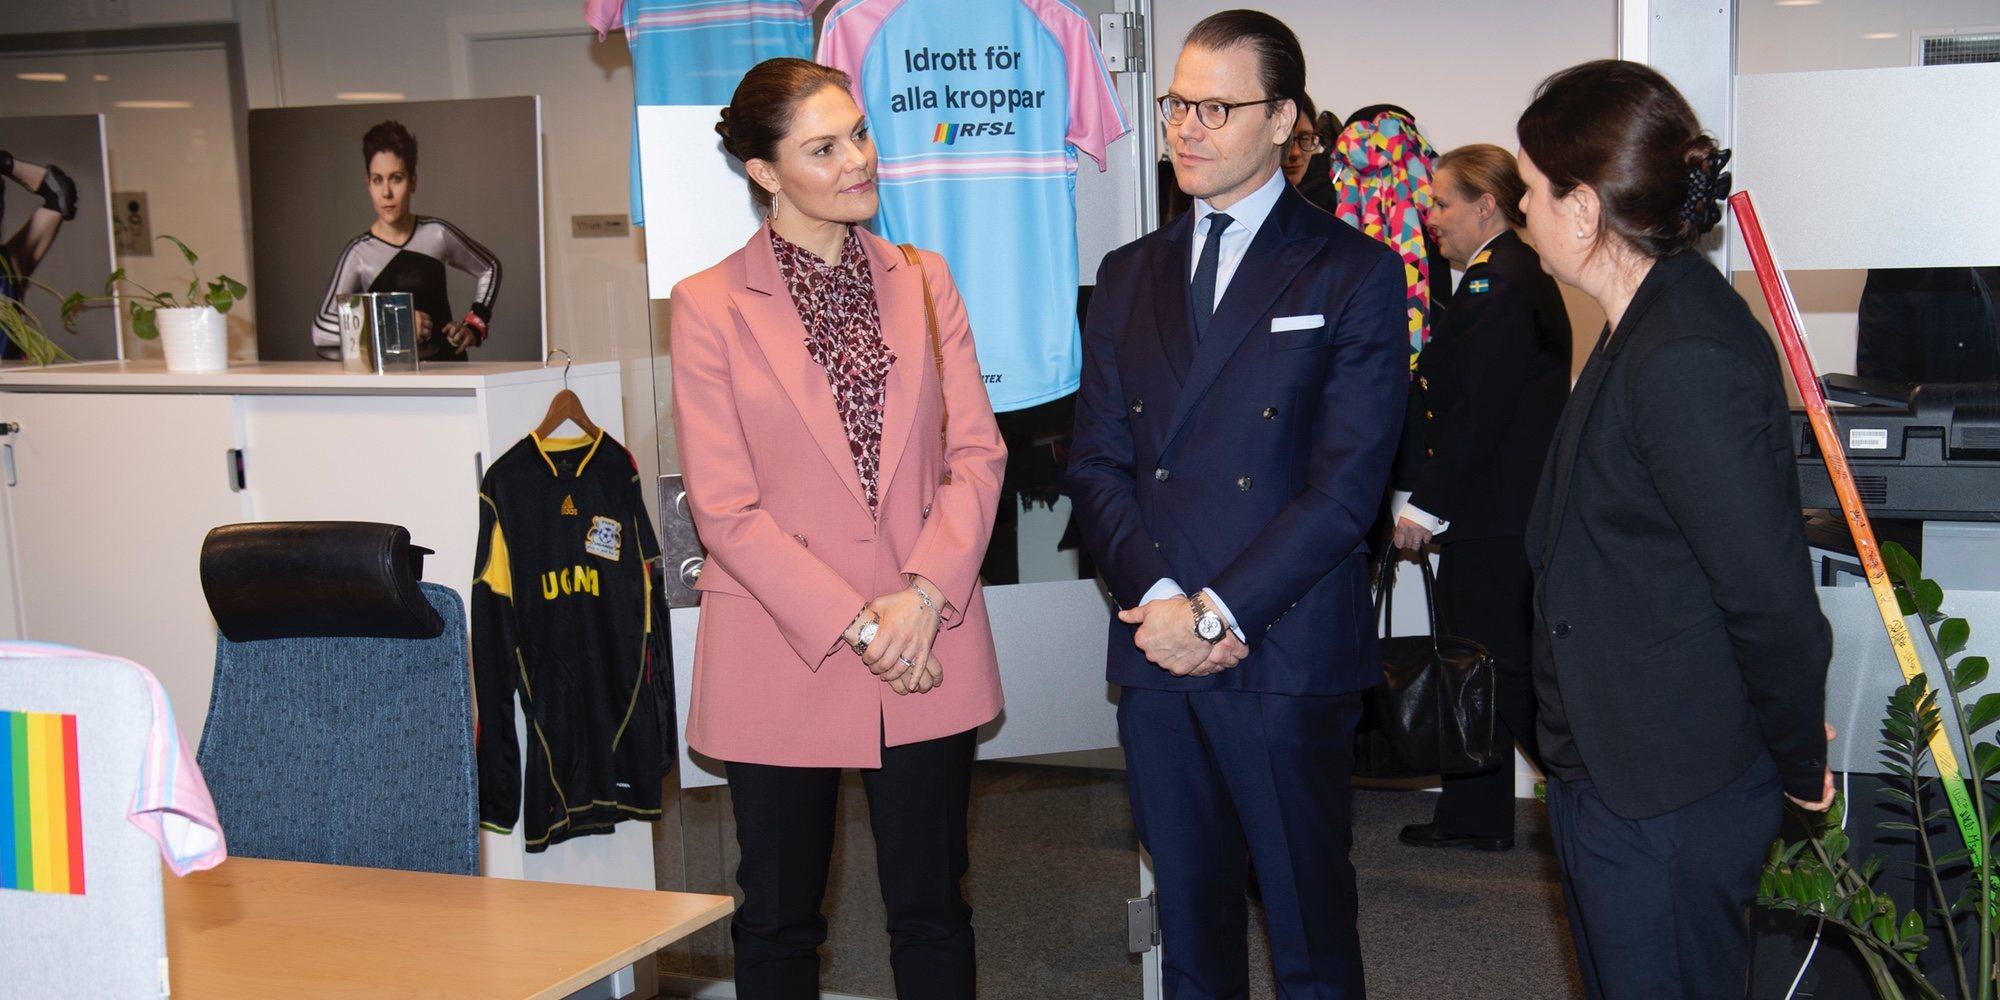 El compromiso de Victoria y Daniel de Suecia con el colectivo LGTBIQ+ del que deberían aprender otras Casas Reales